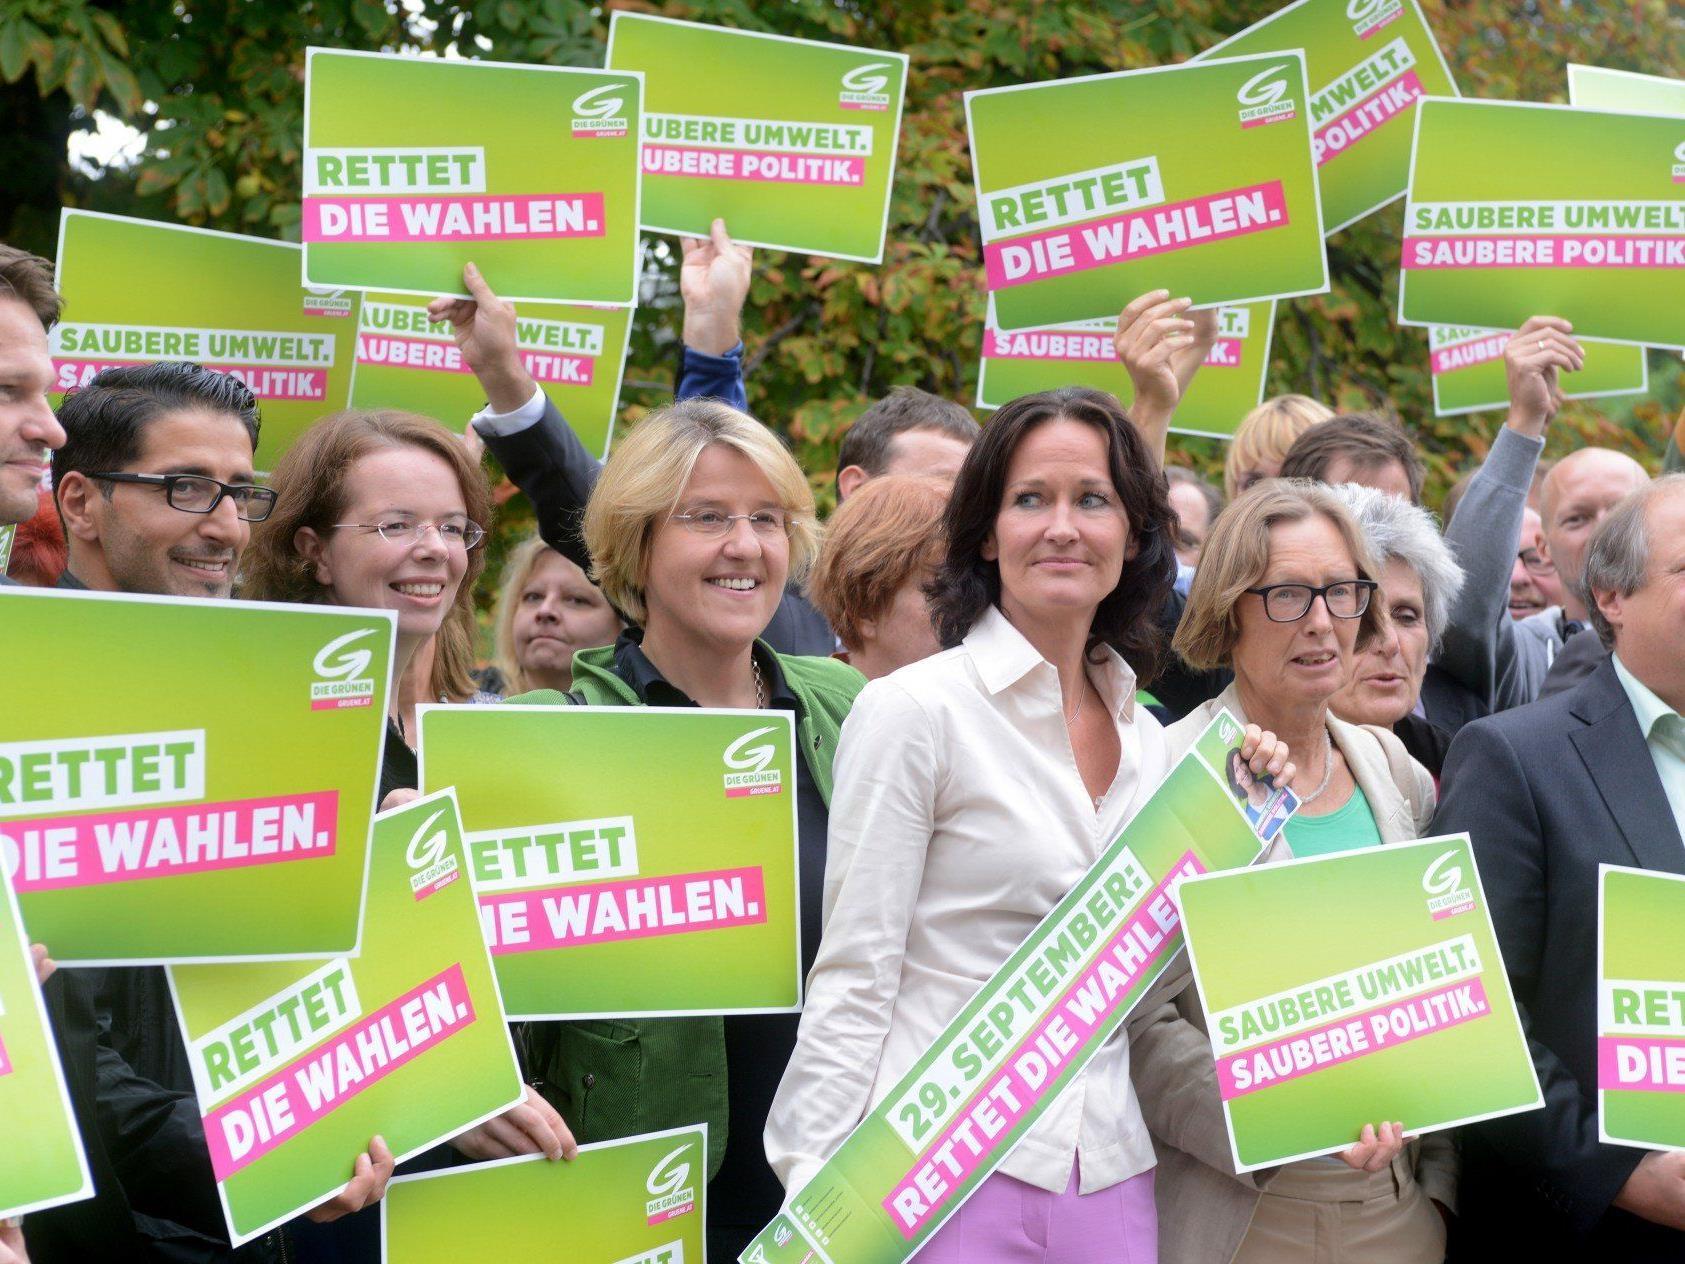 Grüne: Bisher 3,5 Mio. Euro Wahlkampfkosten